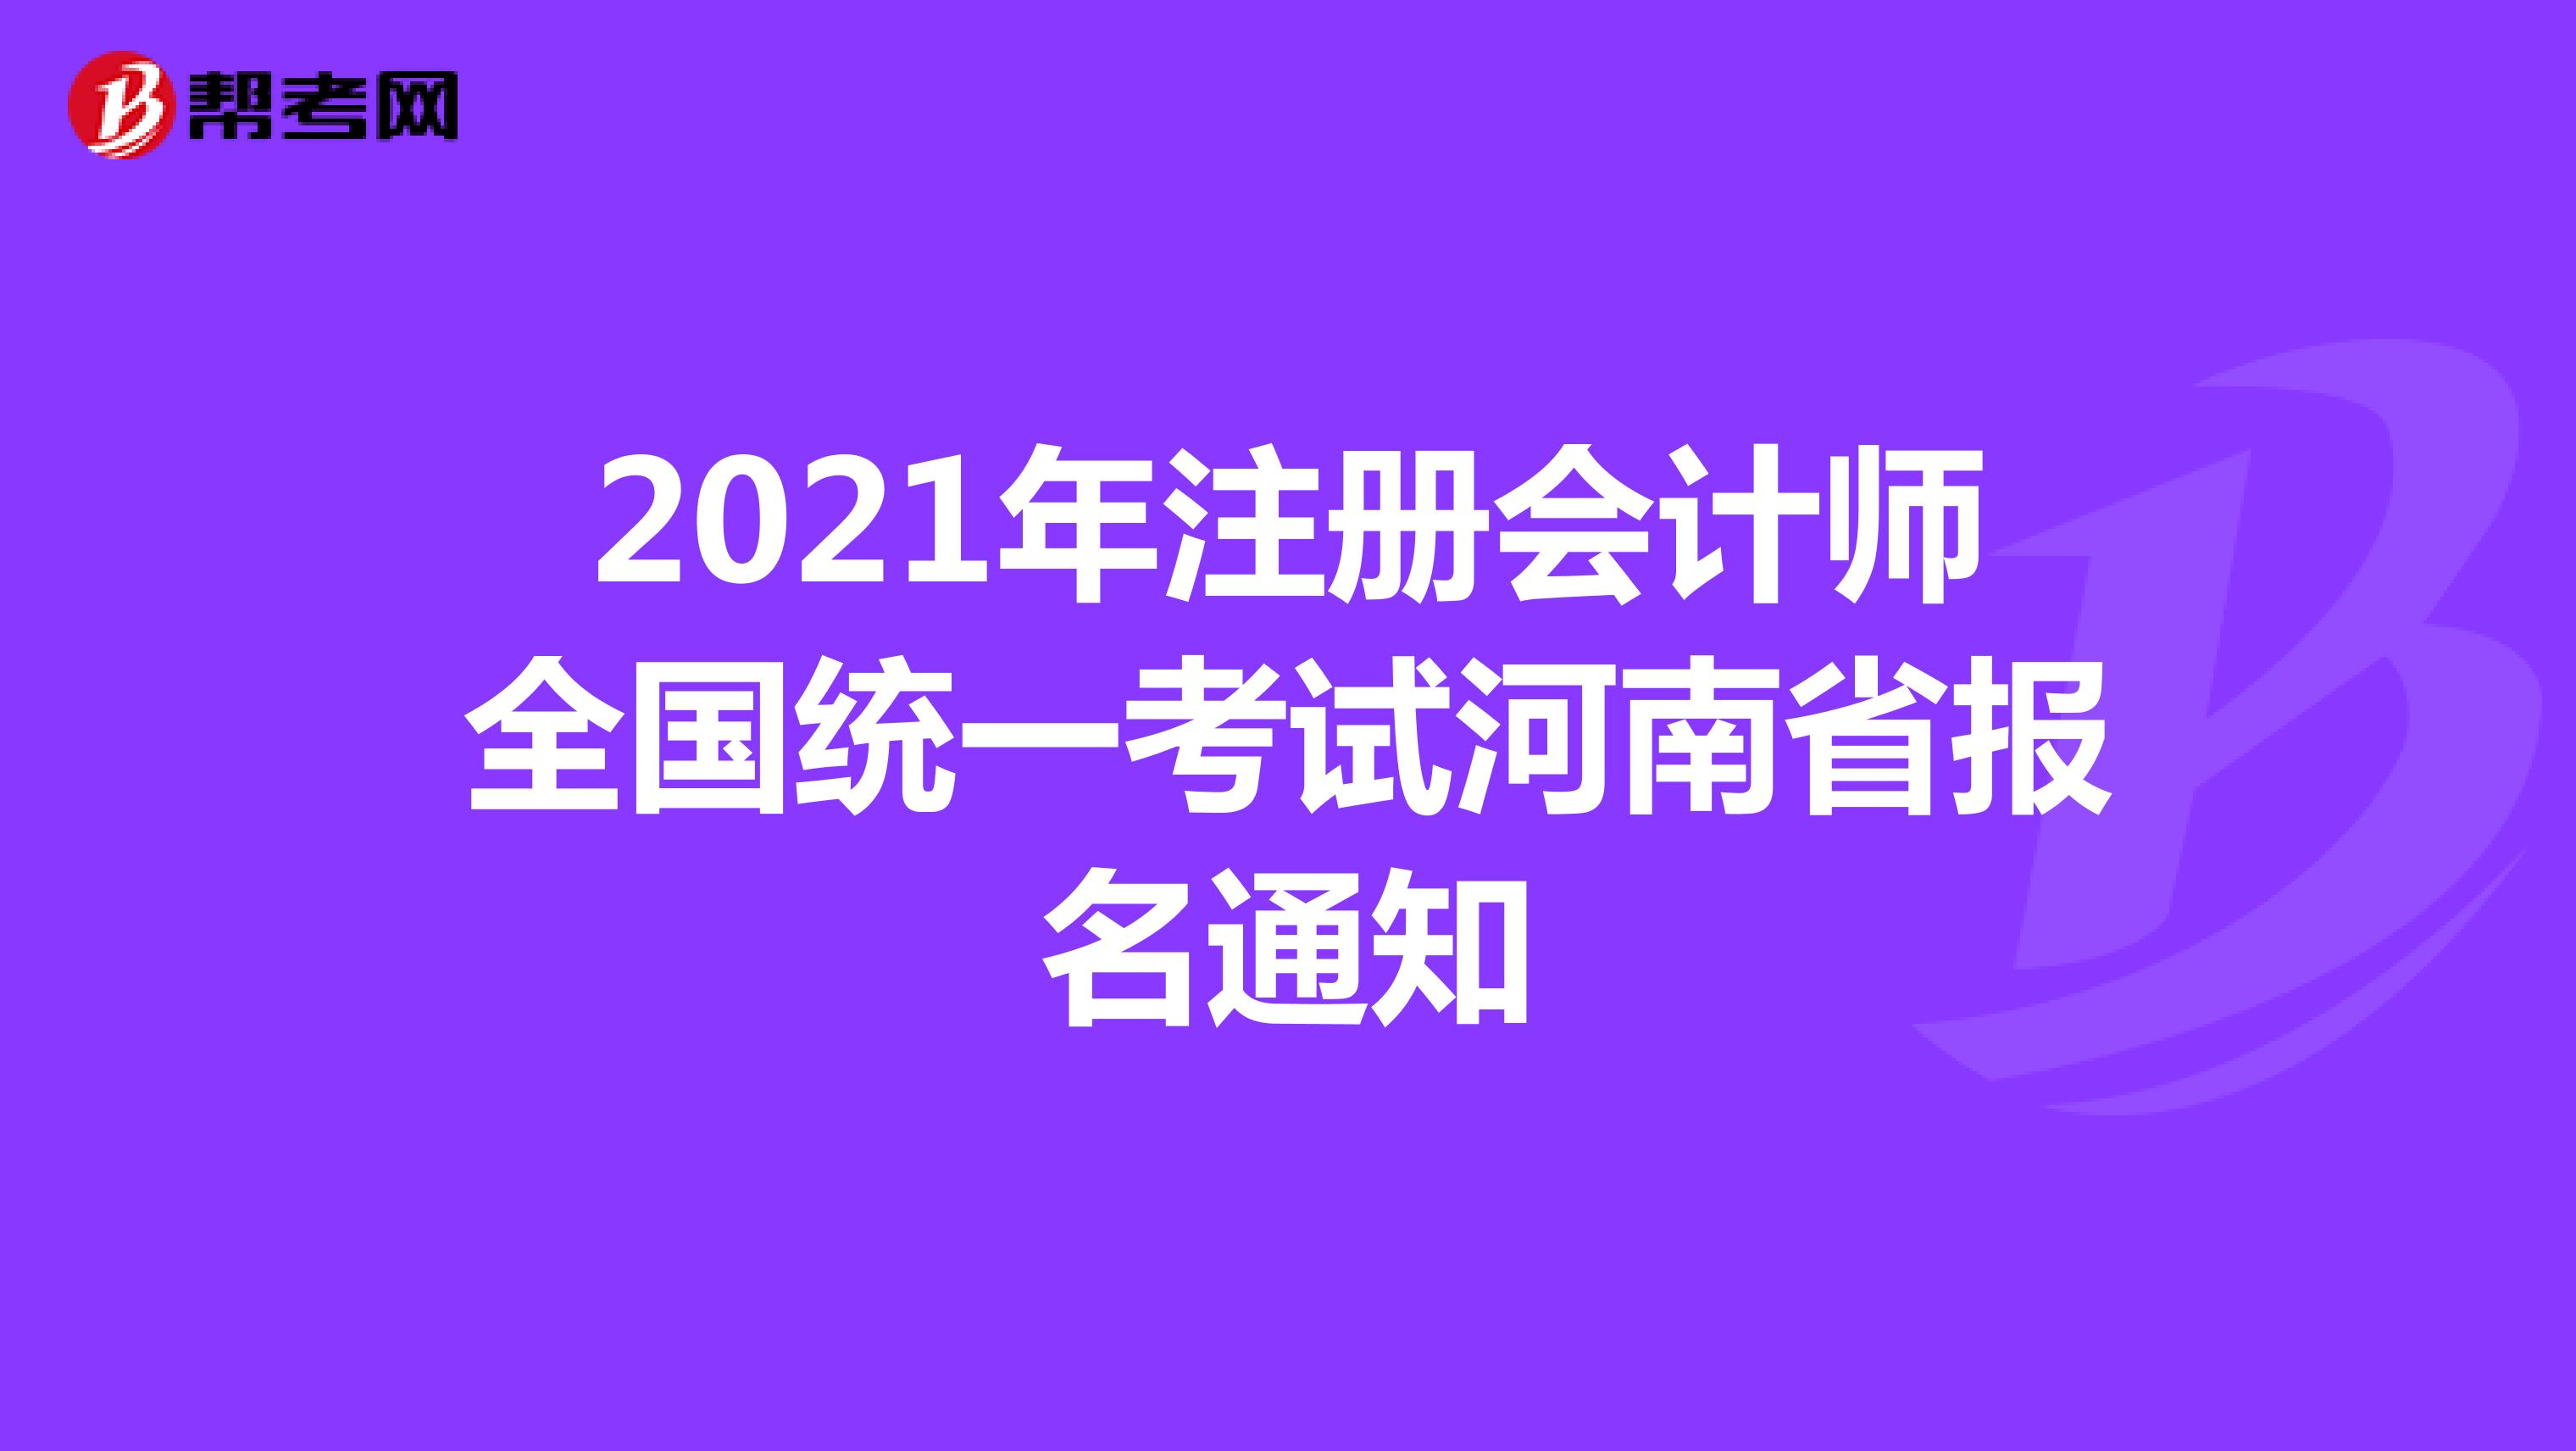 2021年【hot88热竞技提款】注册会计师全国统一考试河南省报名通知